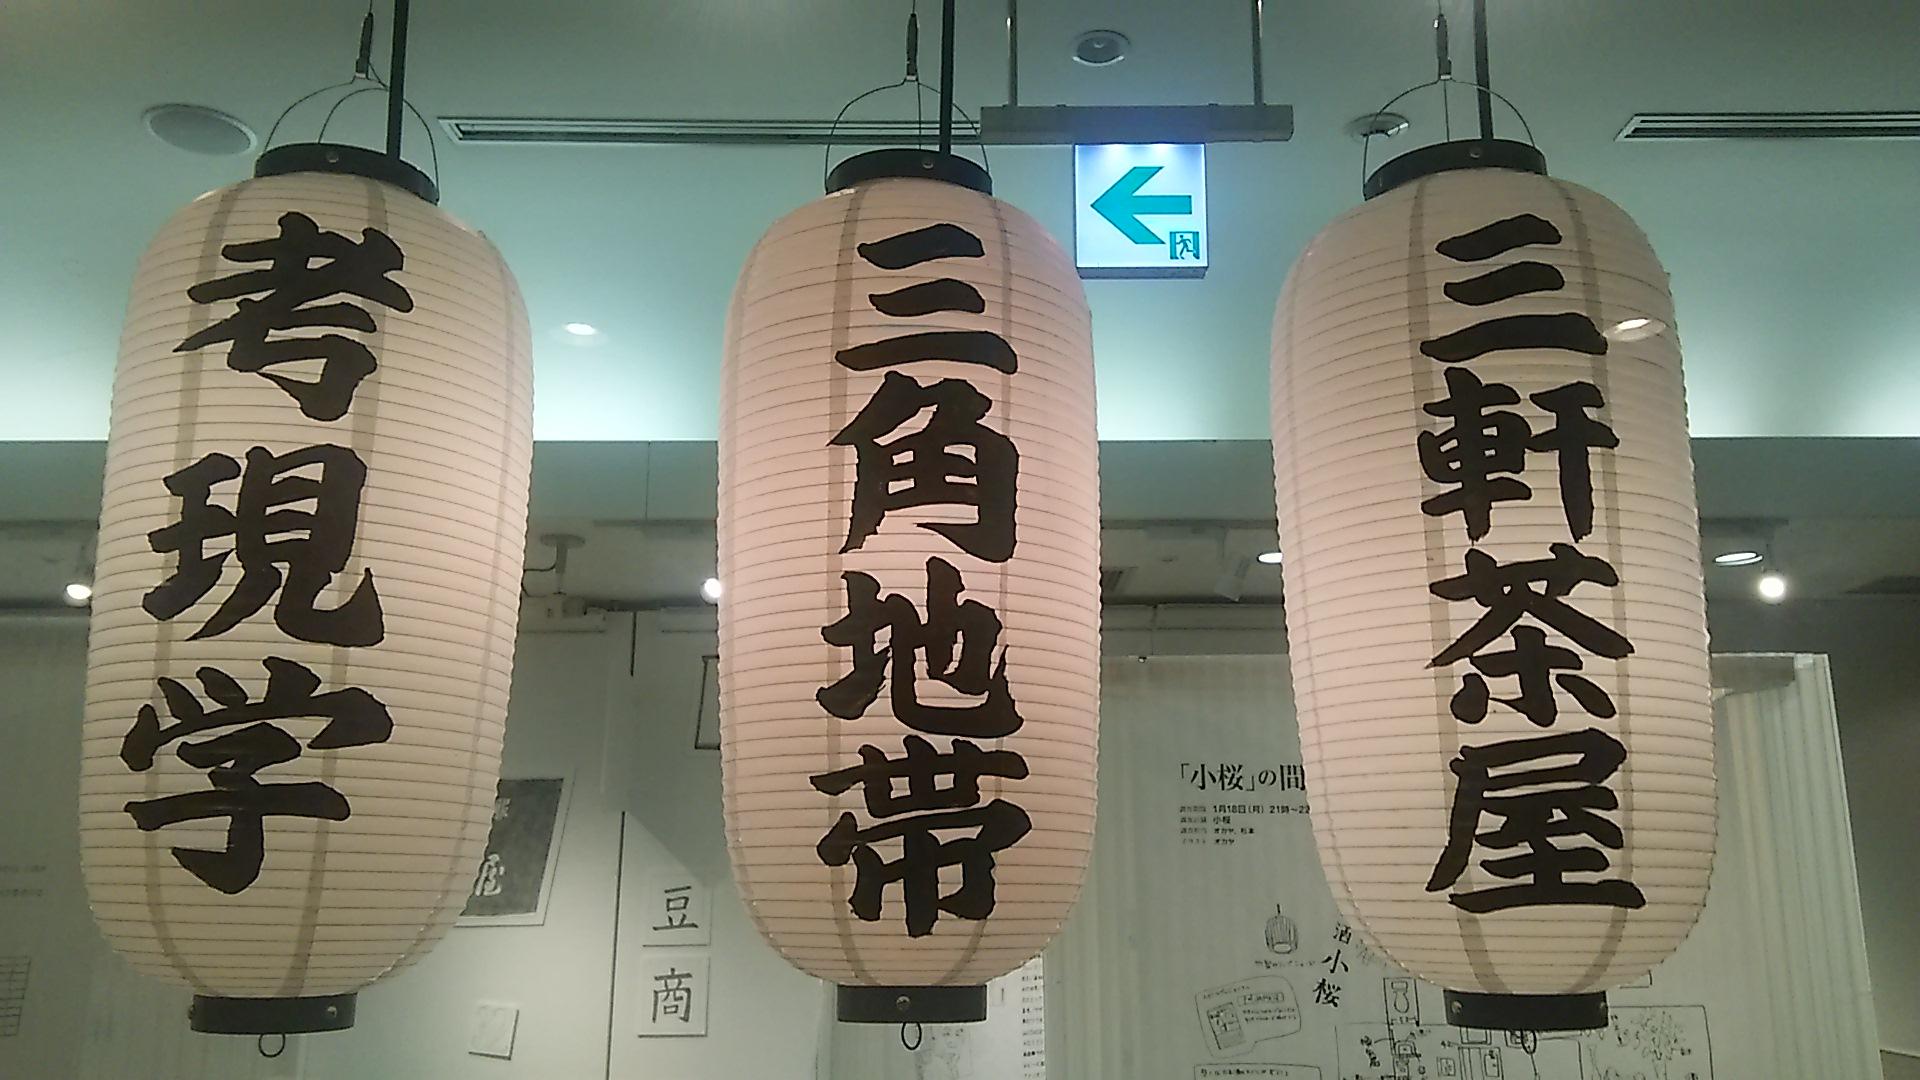 三軒茶屋三角地帯考察学 浦沢直樹展_c0092197_22312854.jpg